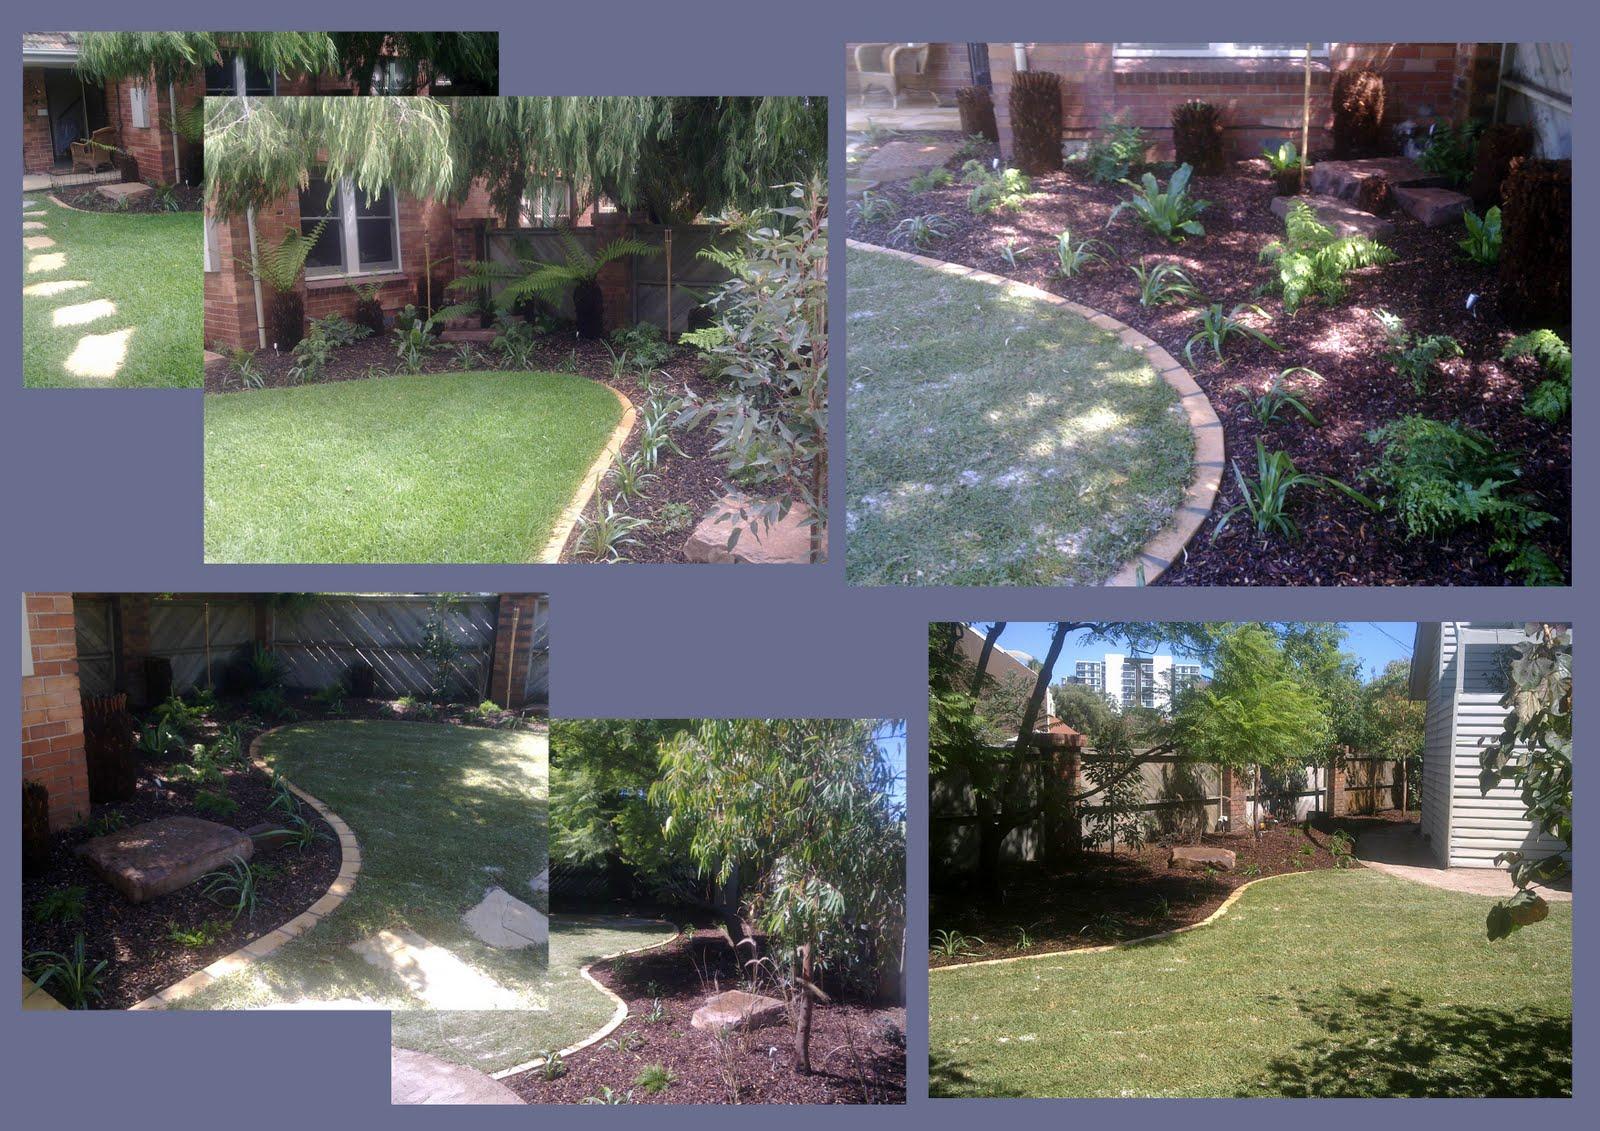 Port melbourne design and vesels garden web customer for Landscape design jobs melbourne